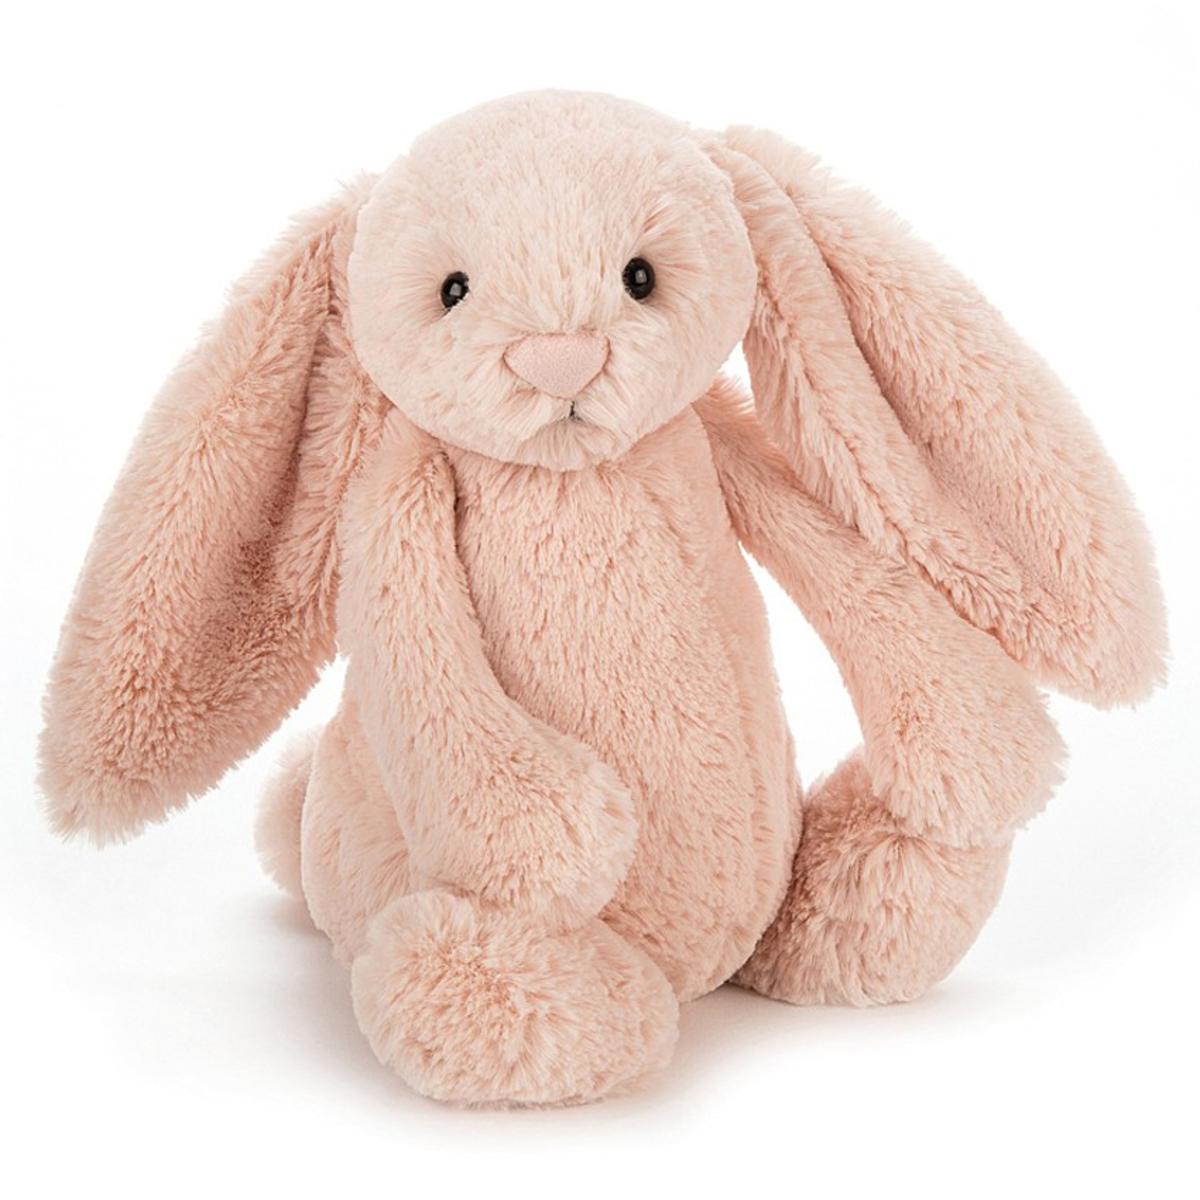 Peluche Bashful Blush Bunny - Medium Bashful Blush Bunny - Medium